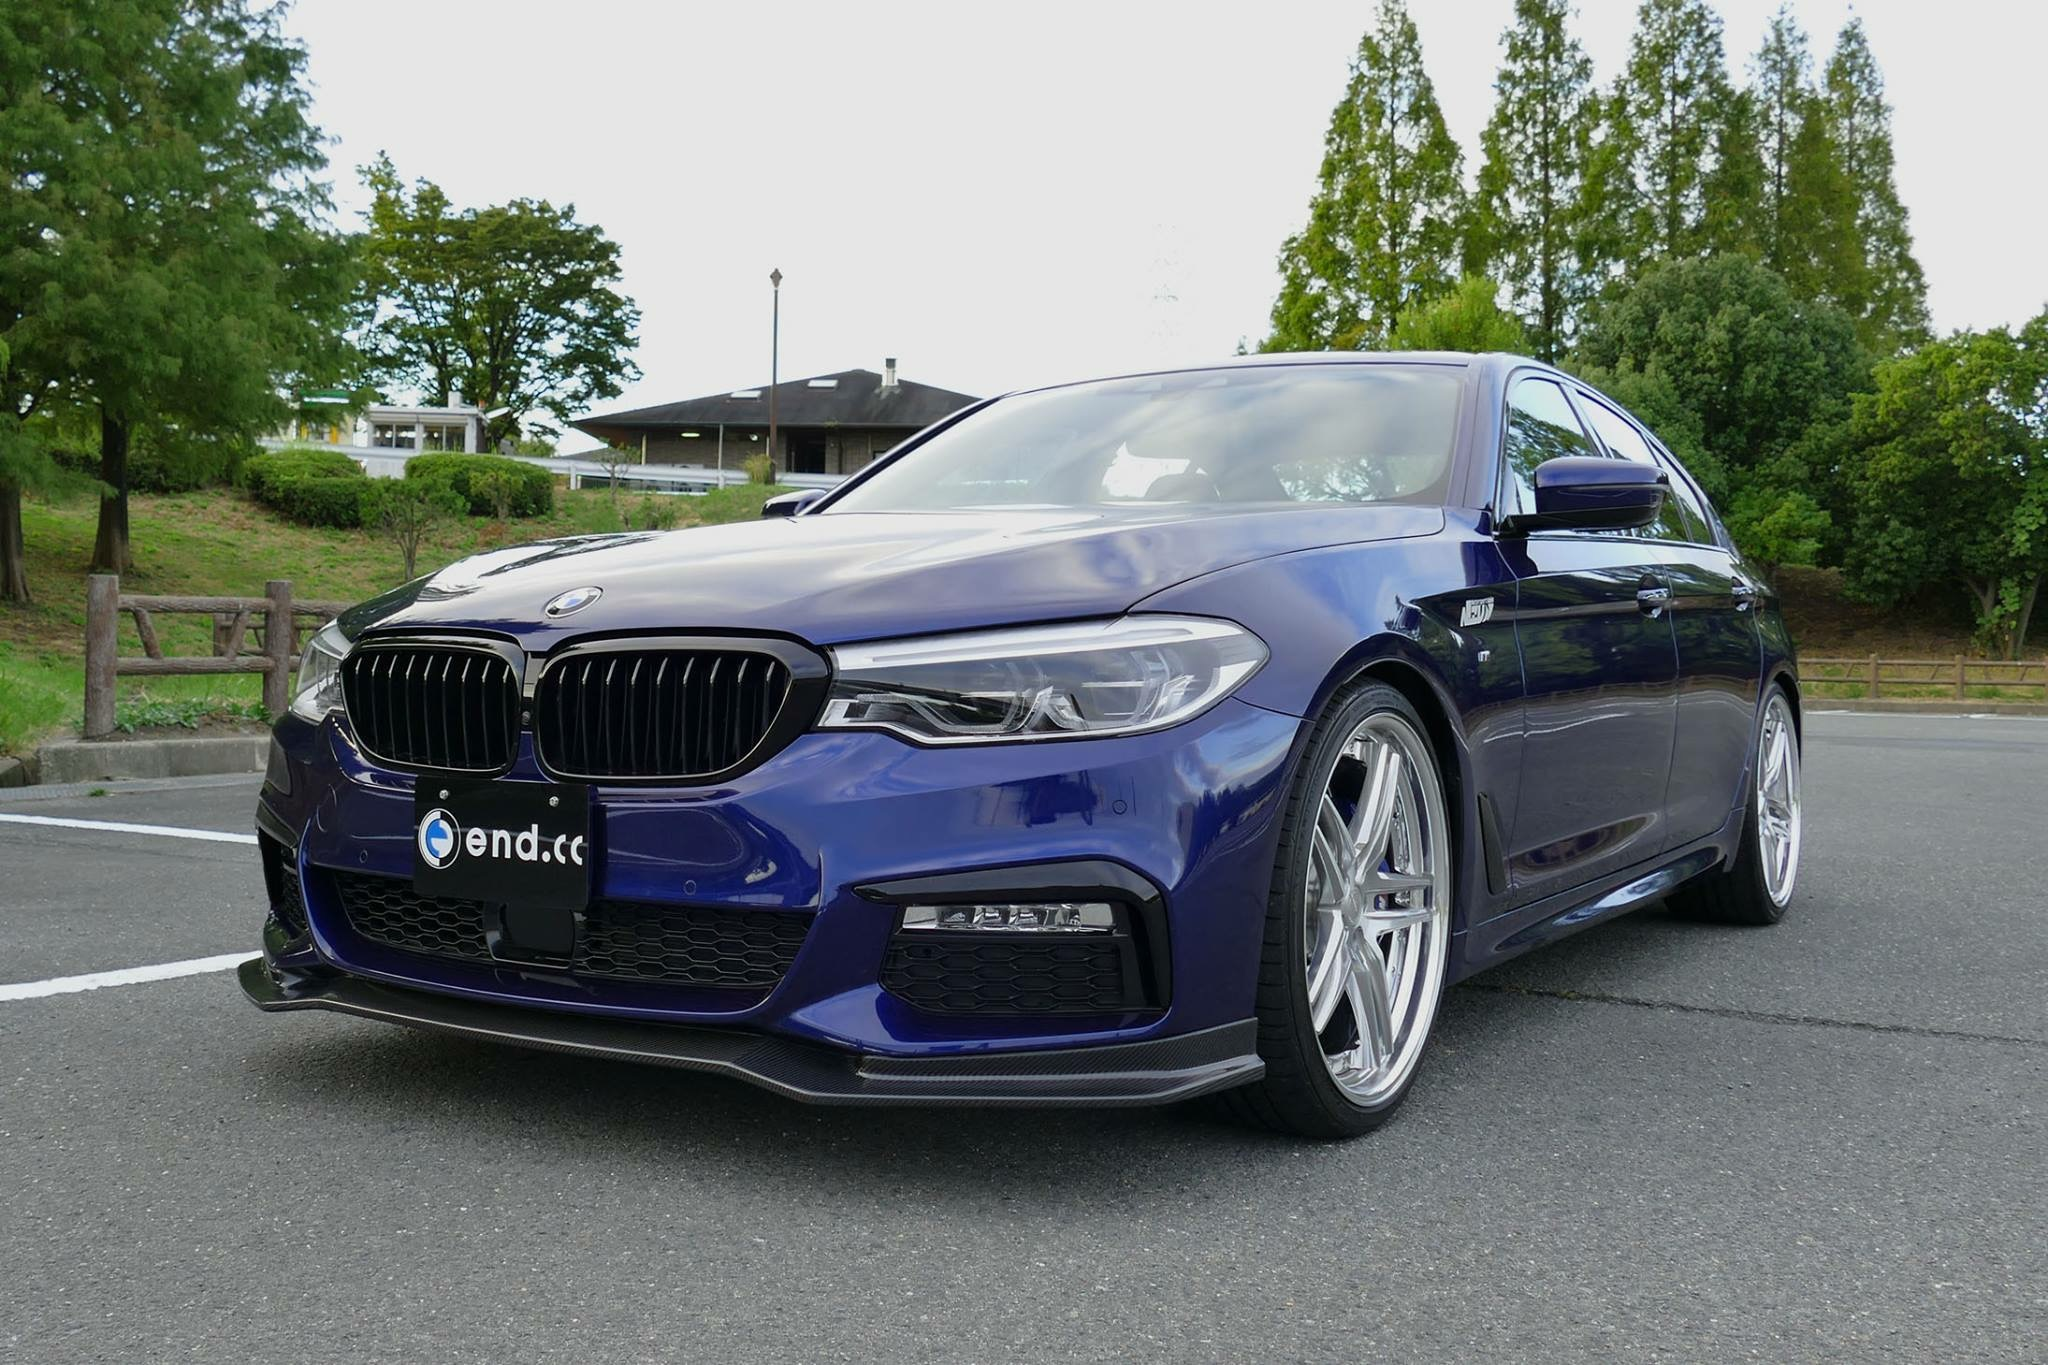 BMW新型5シリーズ(G30,G31)向けのエアロが続々登場!end.ccのエアロがカッコイイ♪みなさんはどれがお好みですか^^